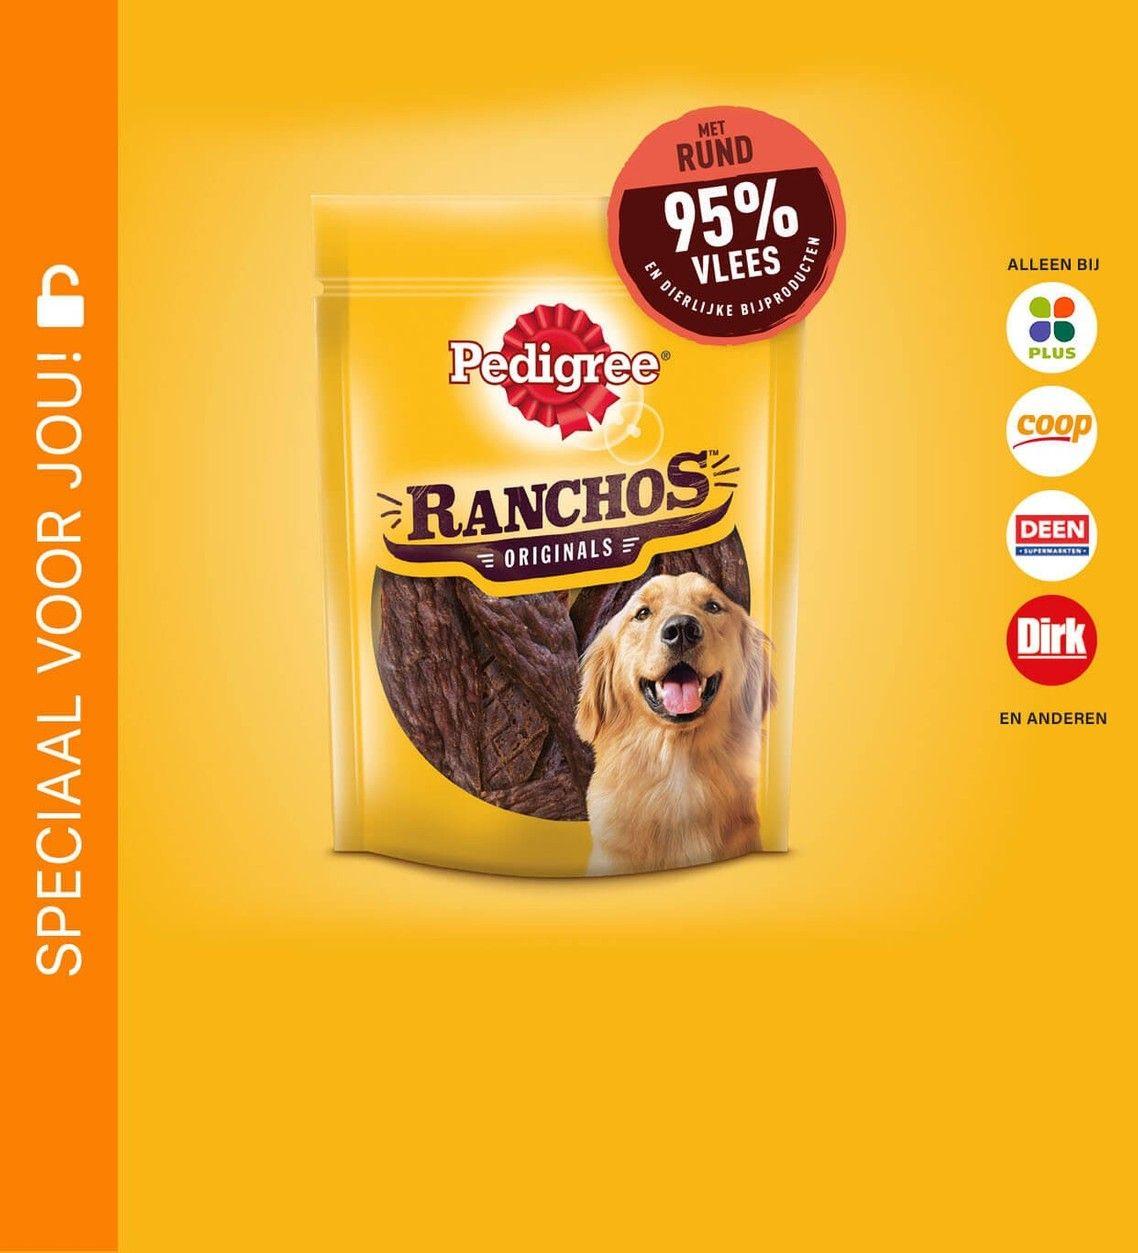 Pedigree Ranchos voor €0,50 @Scoupy